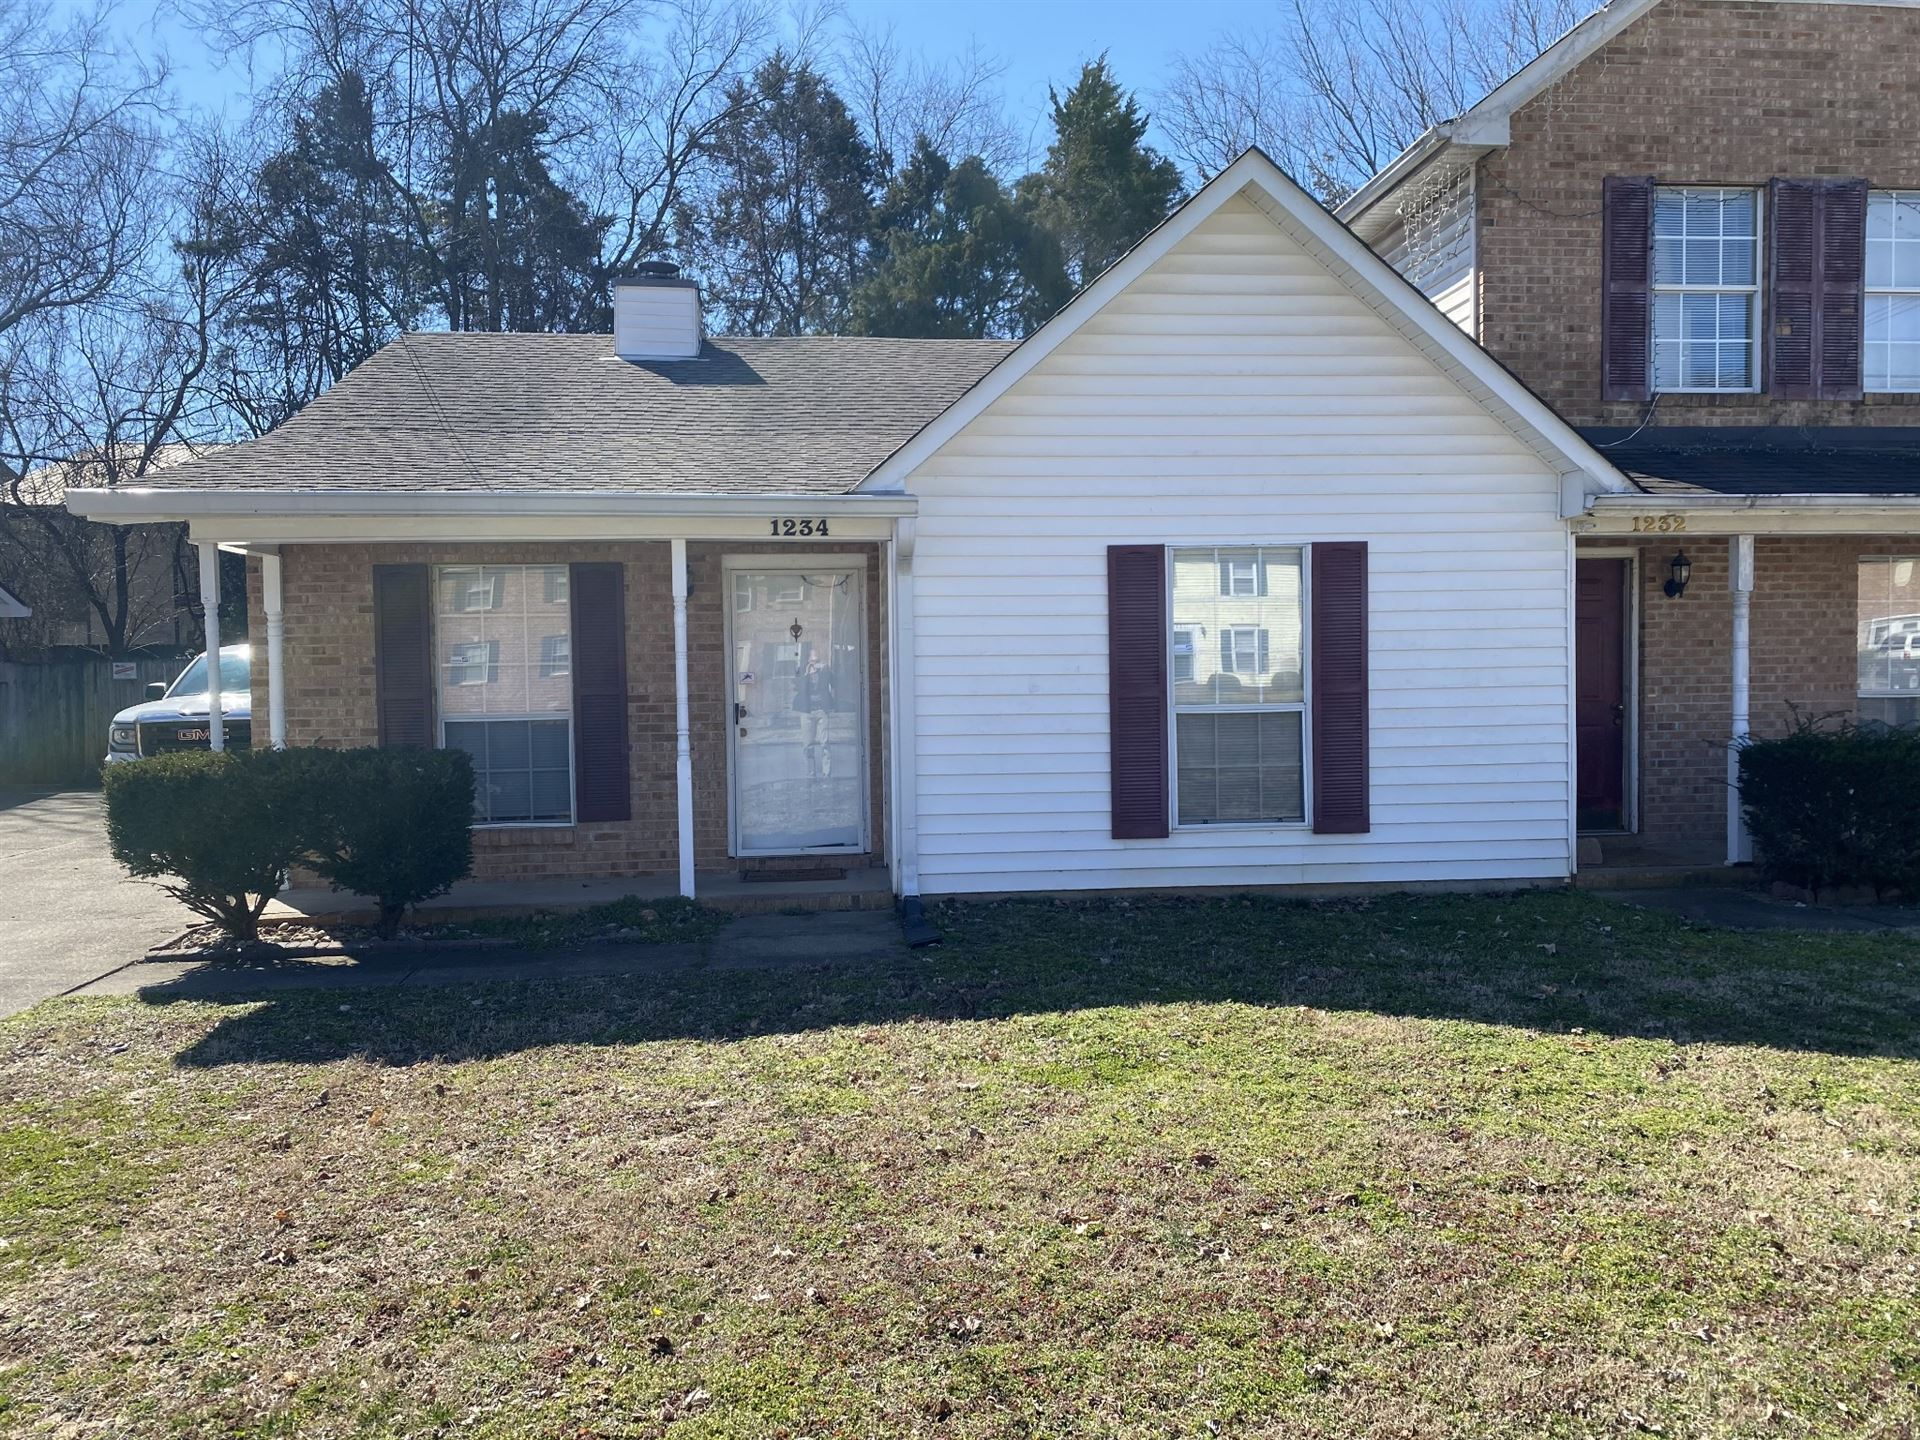 1234 Wenlon Dr, Murfreesboro, TN 37130 - MLS#: 2231403